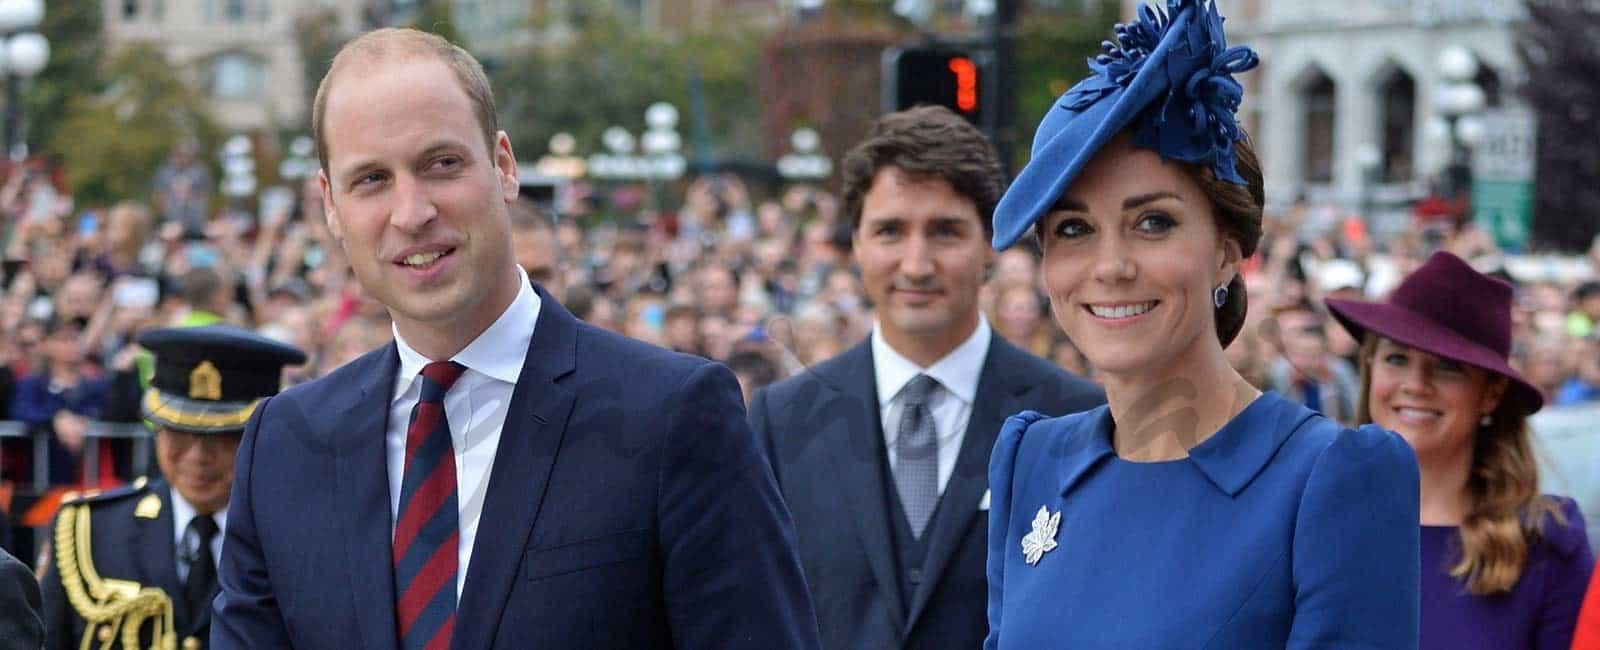 Los duques de Cambridge, viaje oficial con sus hijos a Canadá